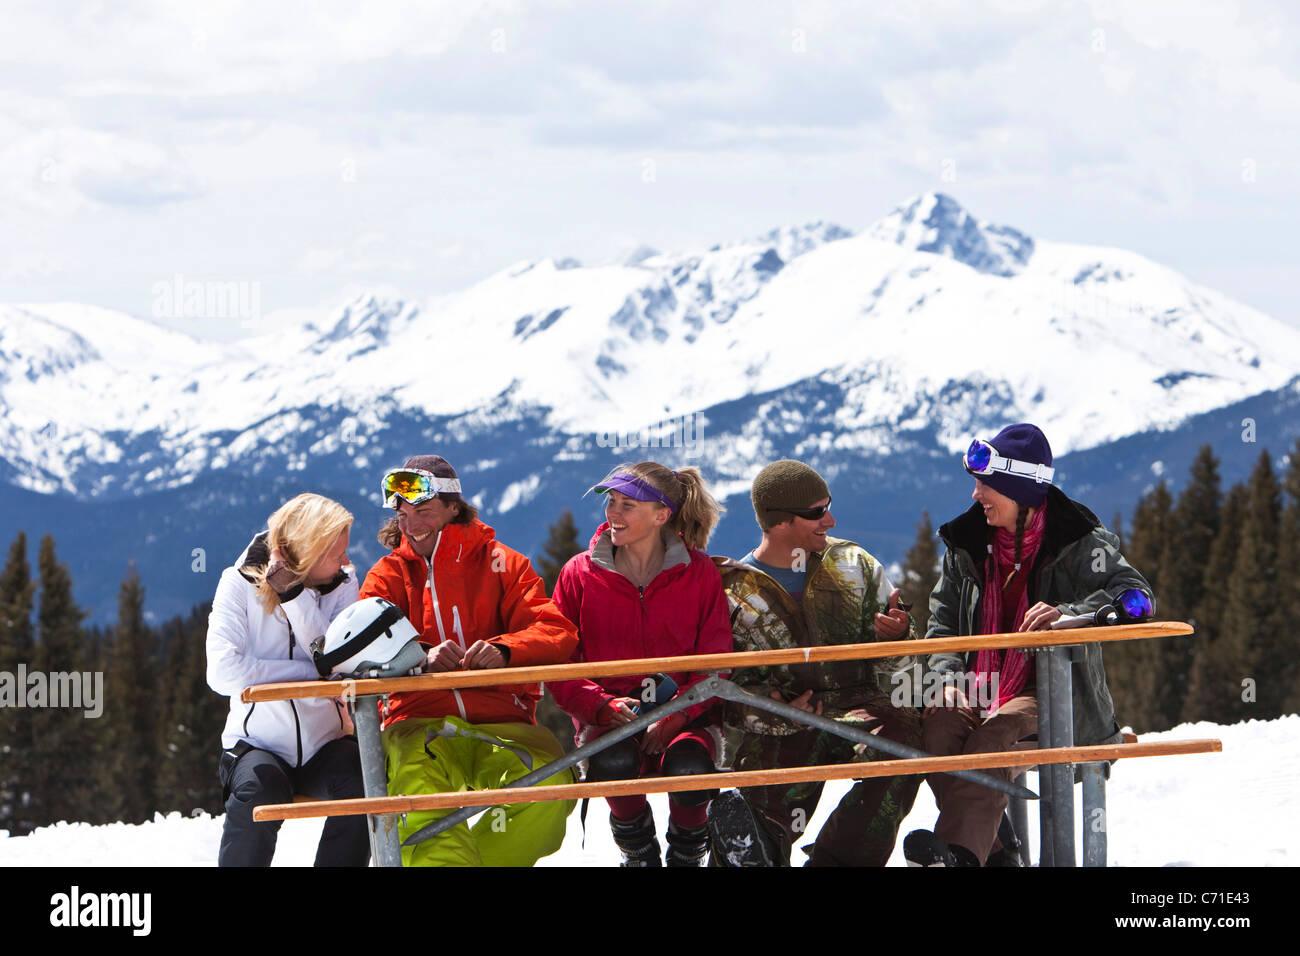 Un grande gruppo di amici sorridere e ridere mentre godendo una bella giornata sugli sci in Colorado. Immagini Stock